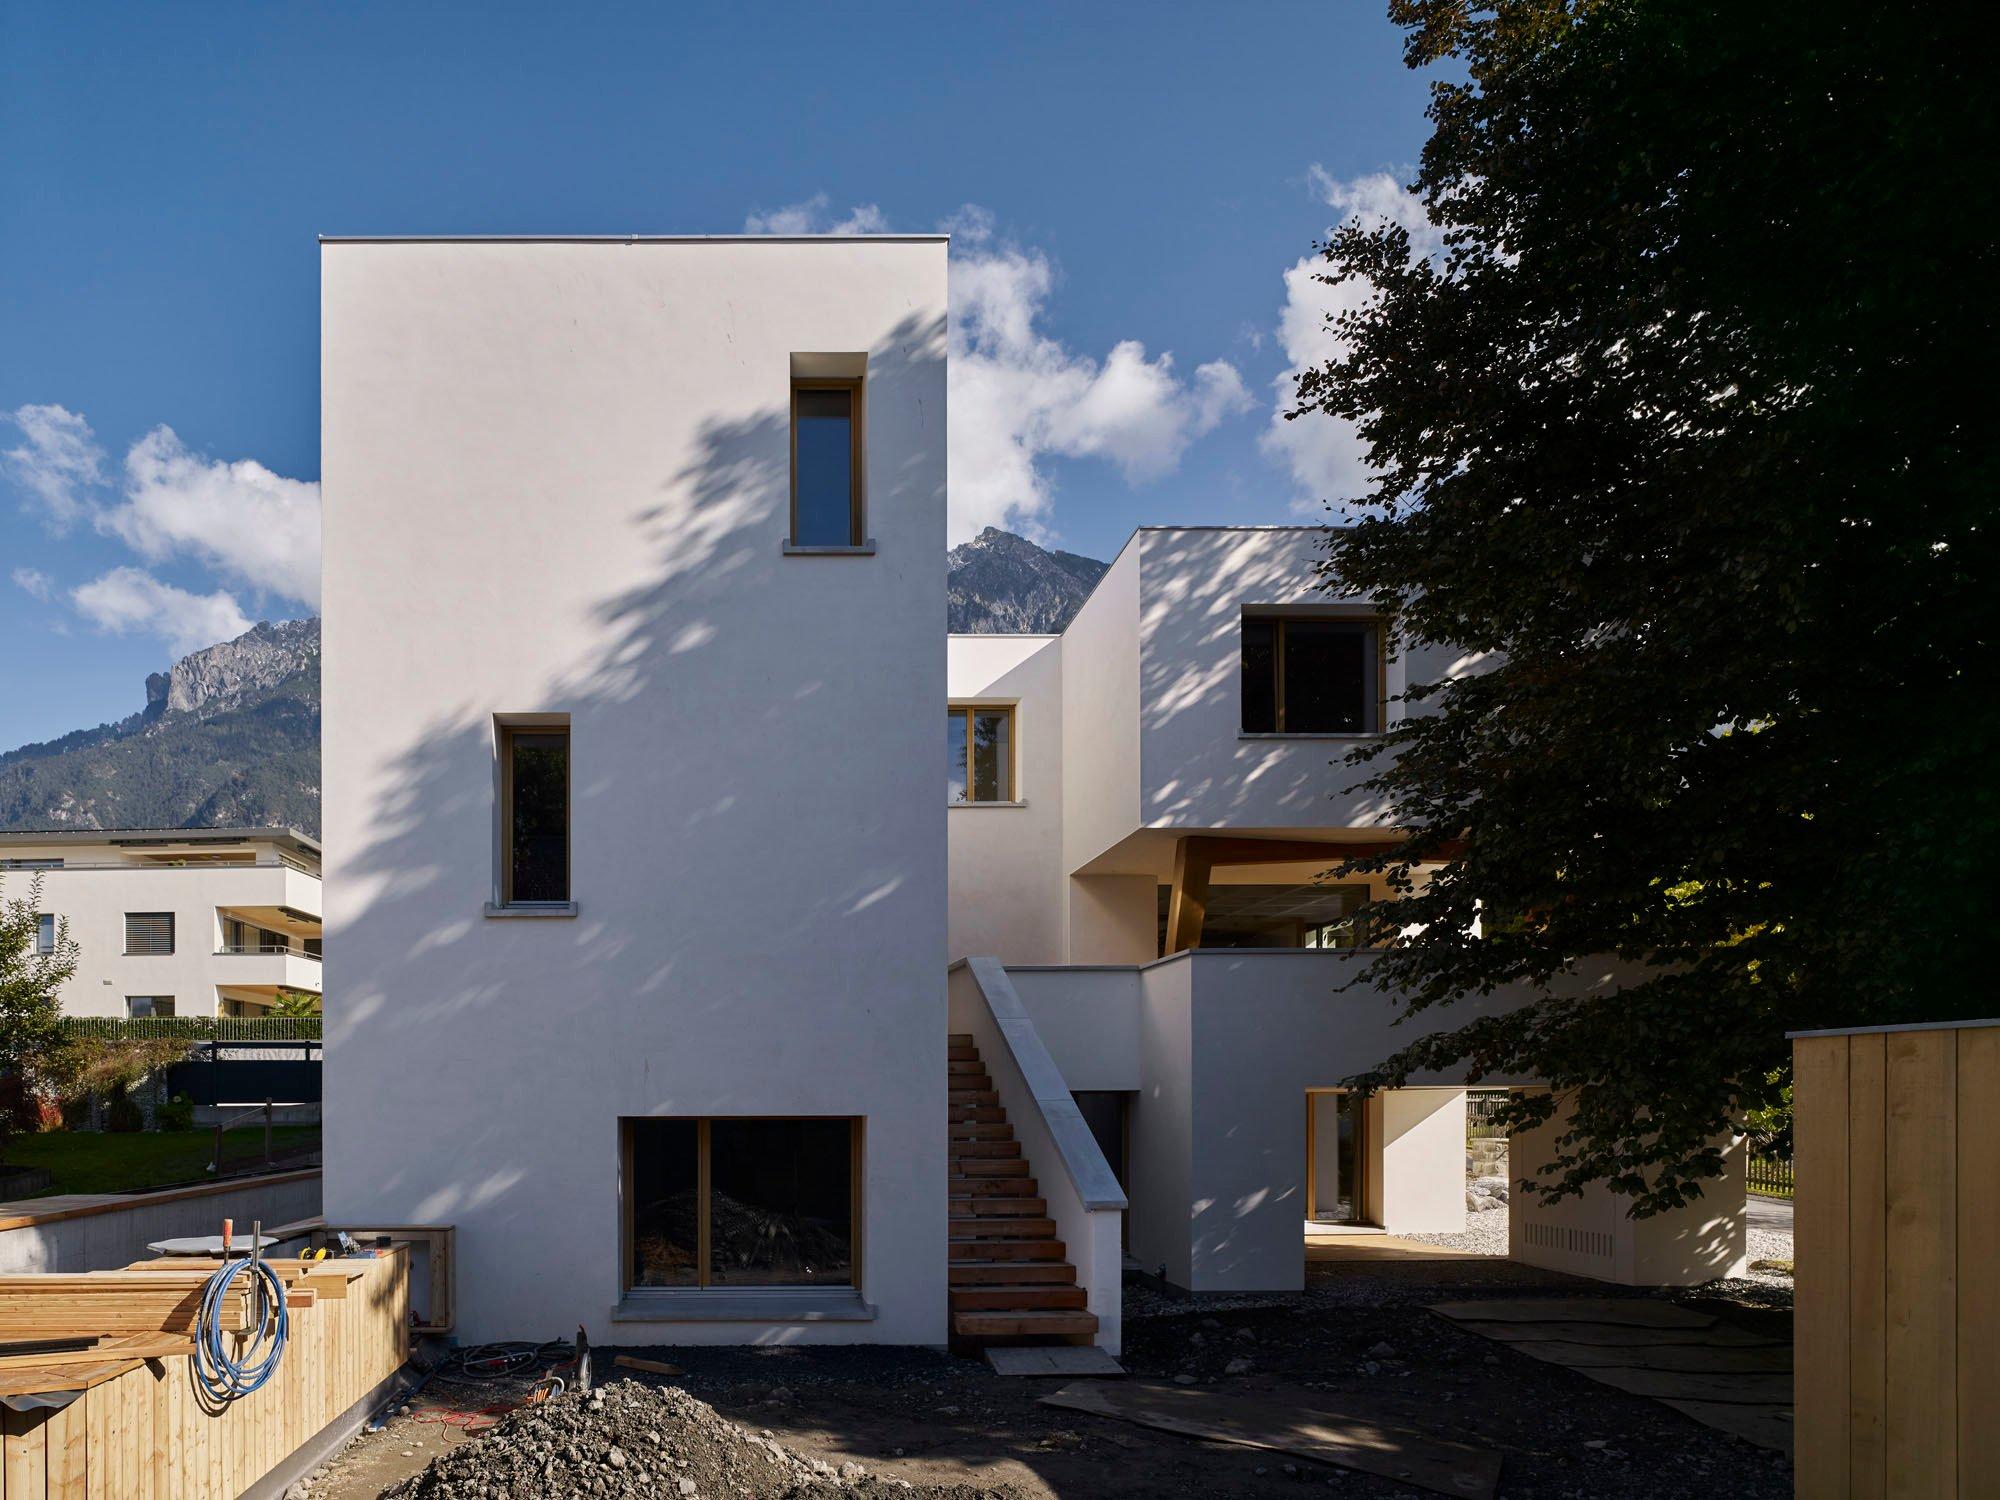 Der L-förmige Grundriss erlaubt die Integration einer groß gewachsenen Rotbuche.Das Haus schmiegt sich um den Baum, sodass ein Innenhof entsteht.